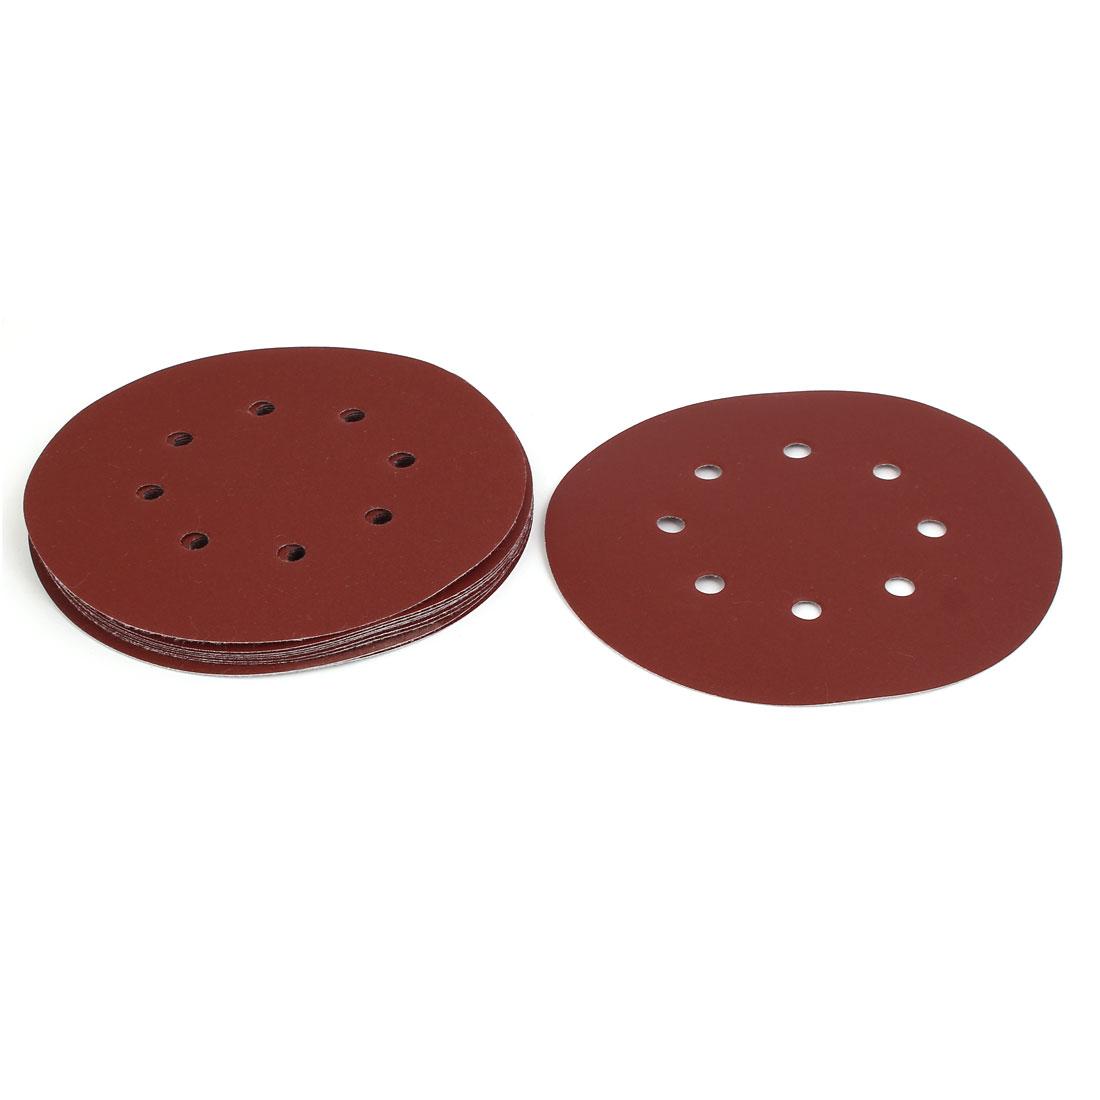 """320 Grit 8 Hole 7"""" Diameter Sandpaper Hook Loop Sanding Disc 10 Pcs"""